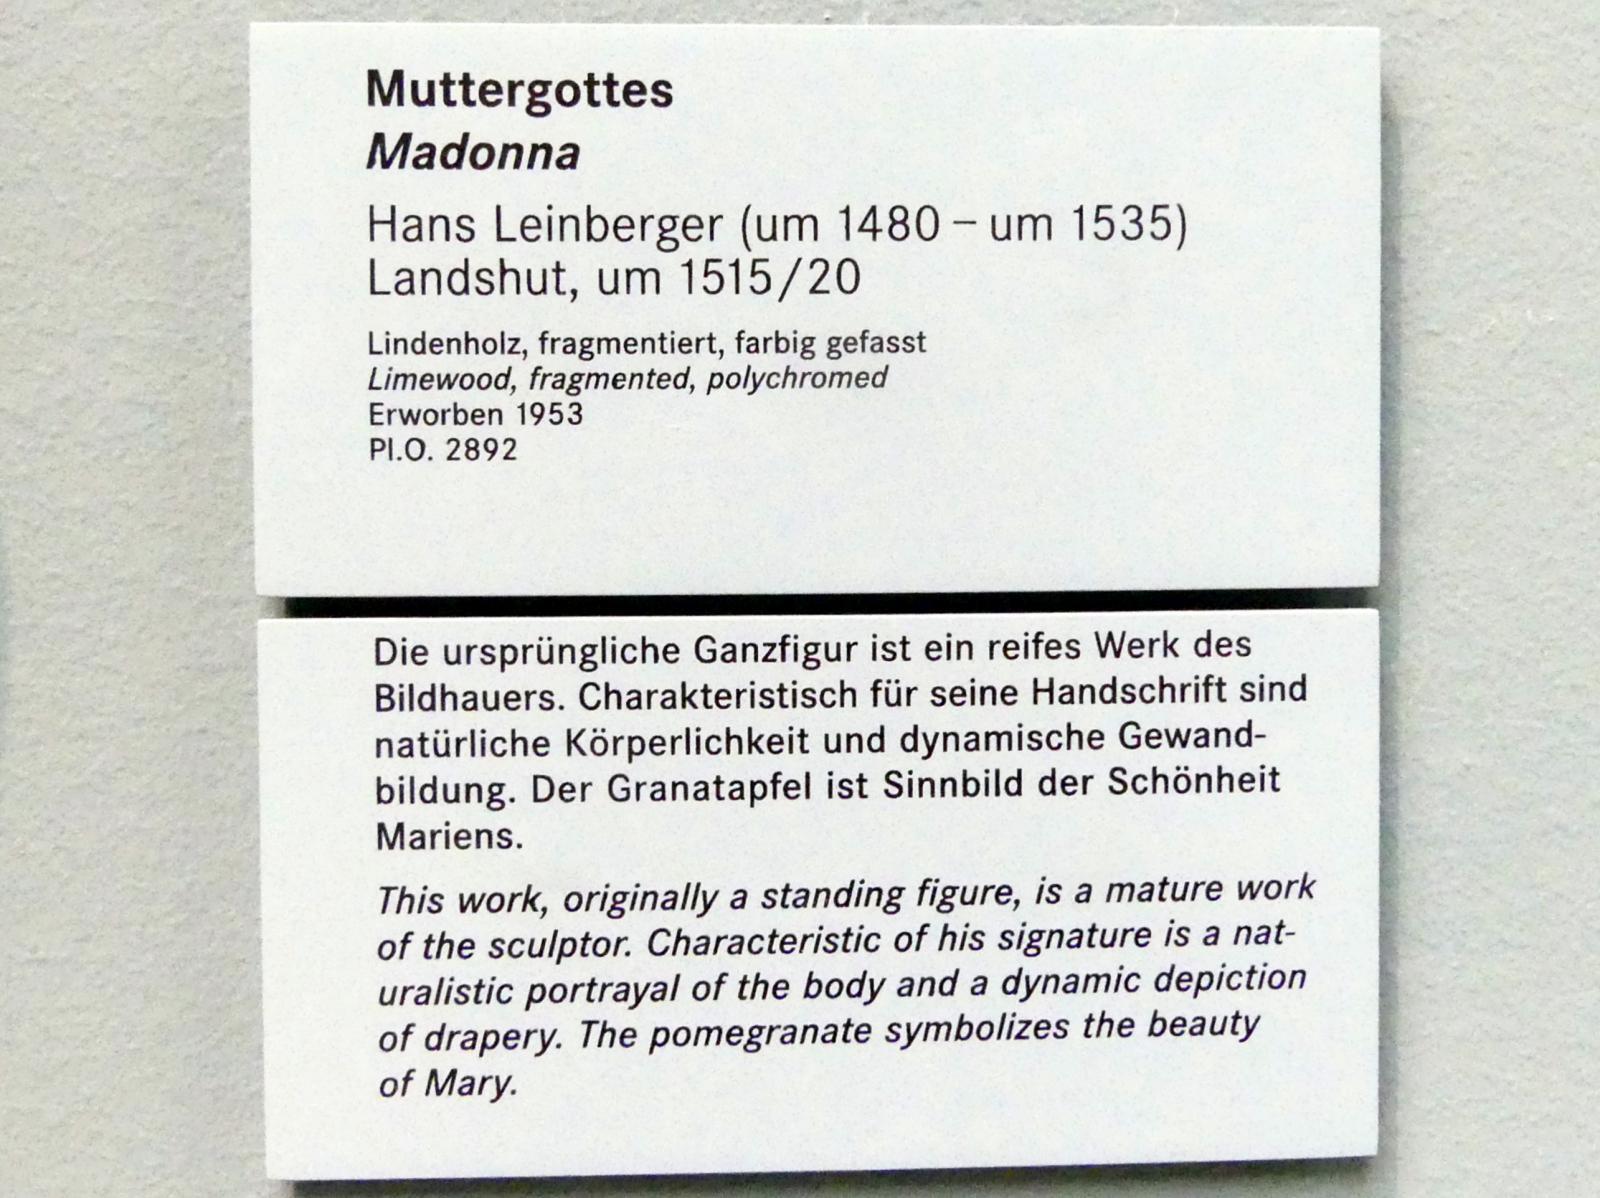 Hans Leinberger: Muttergottes, um 1515 - 1520, Bild 2/2